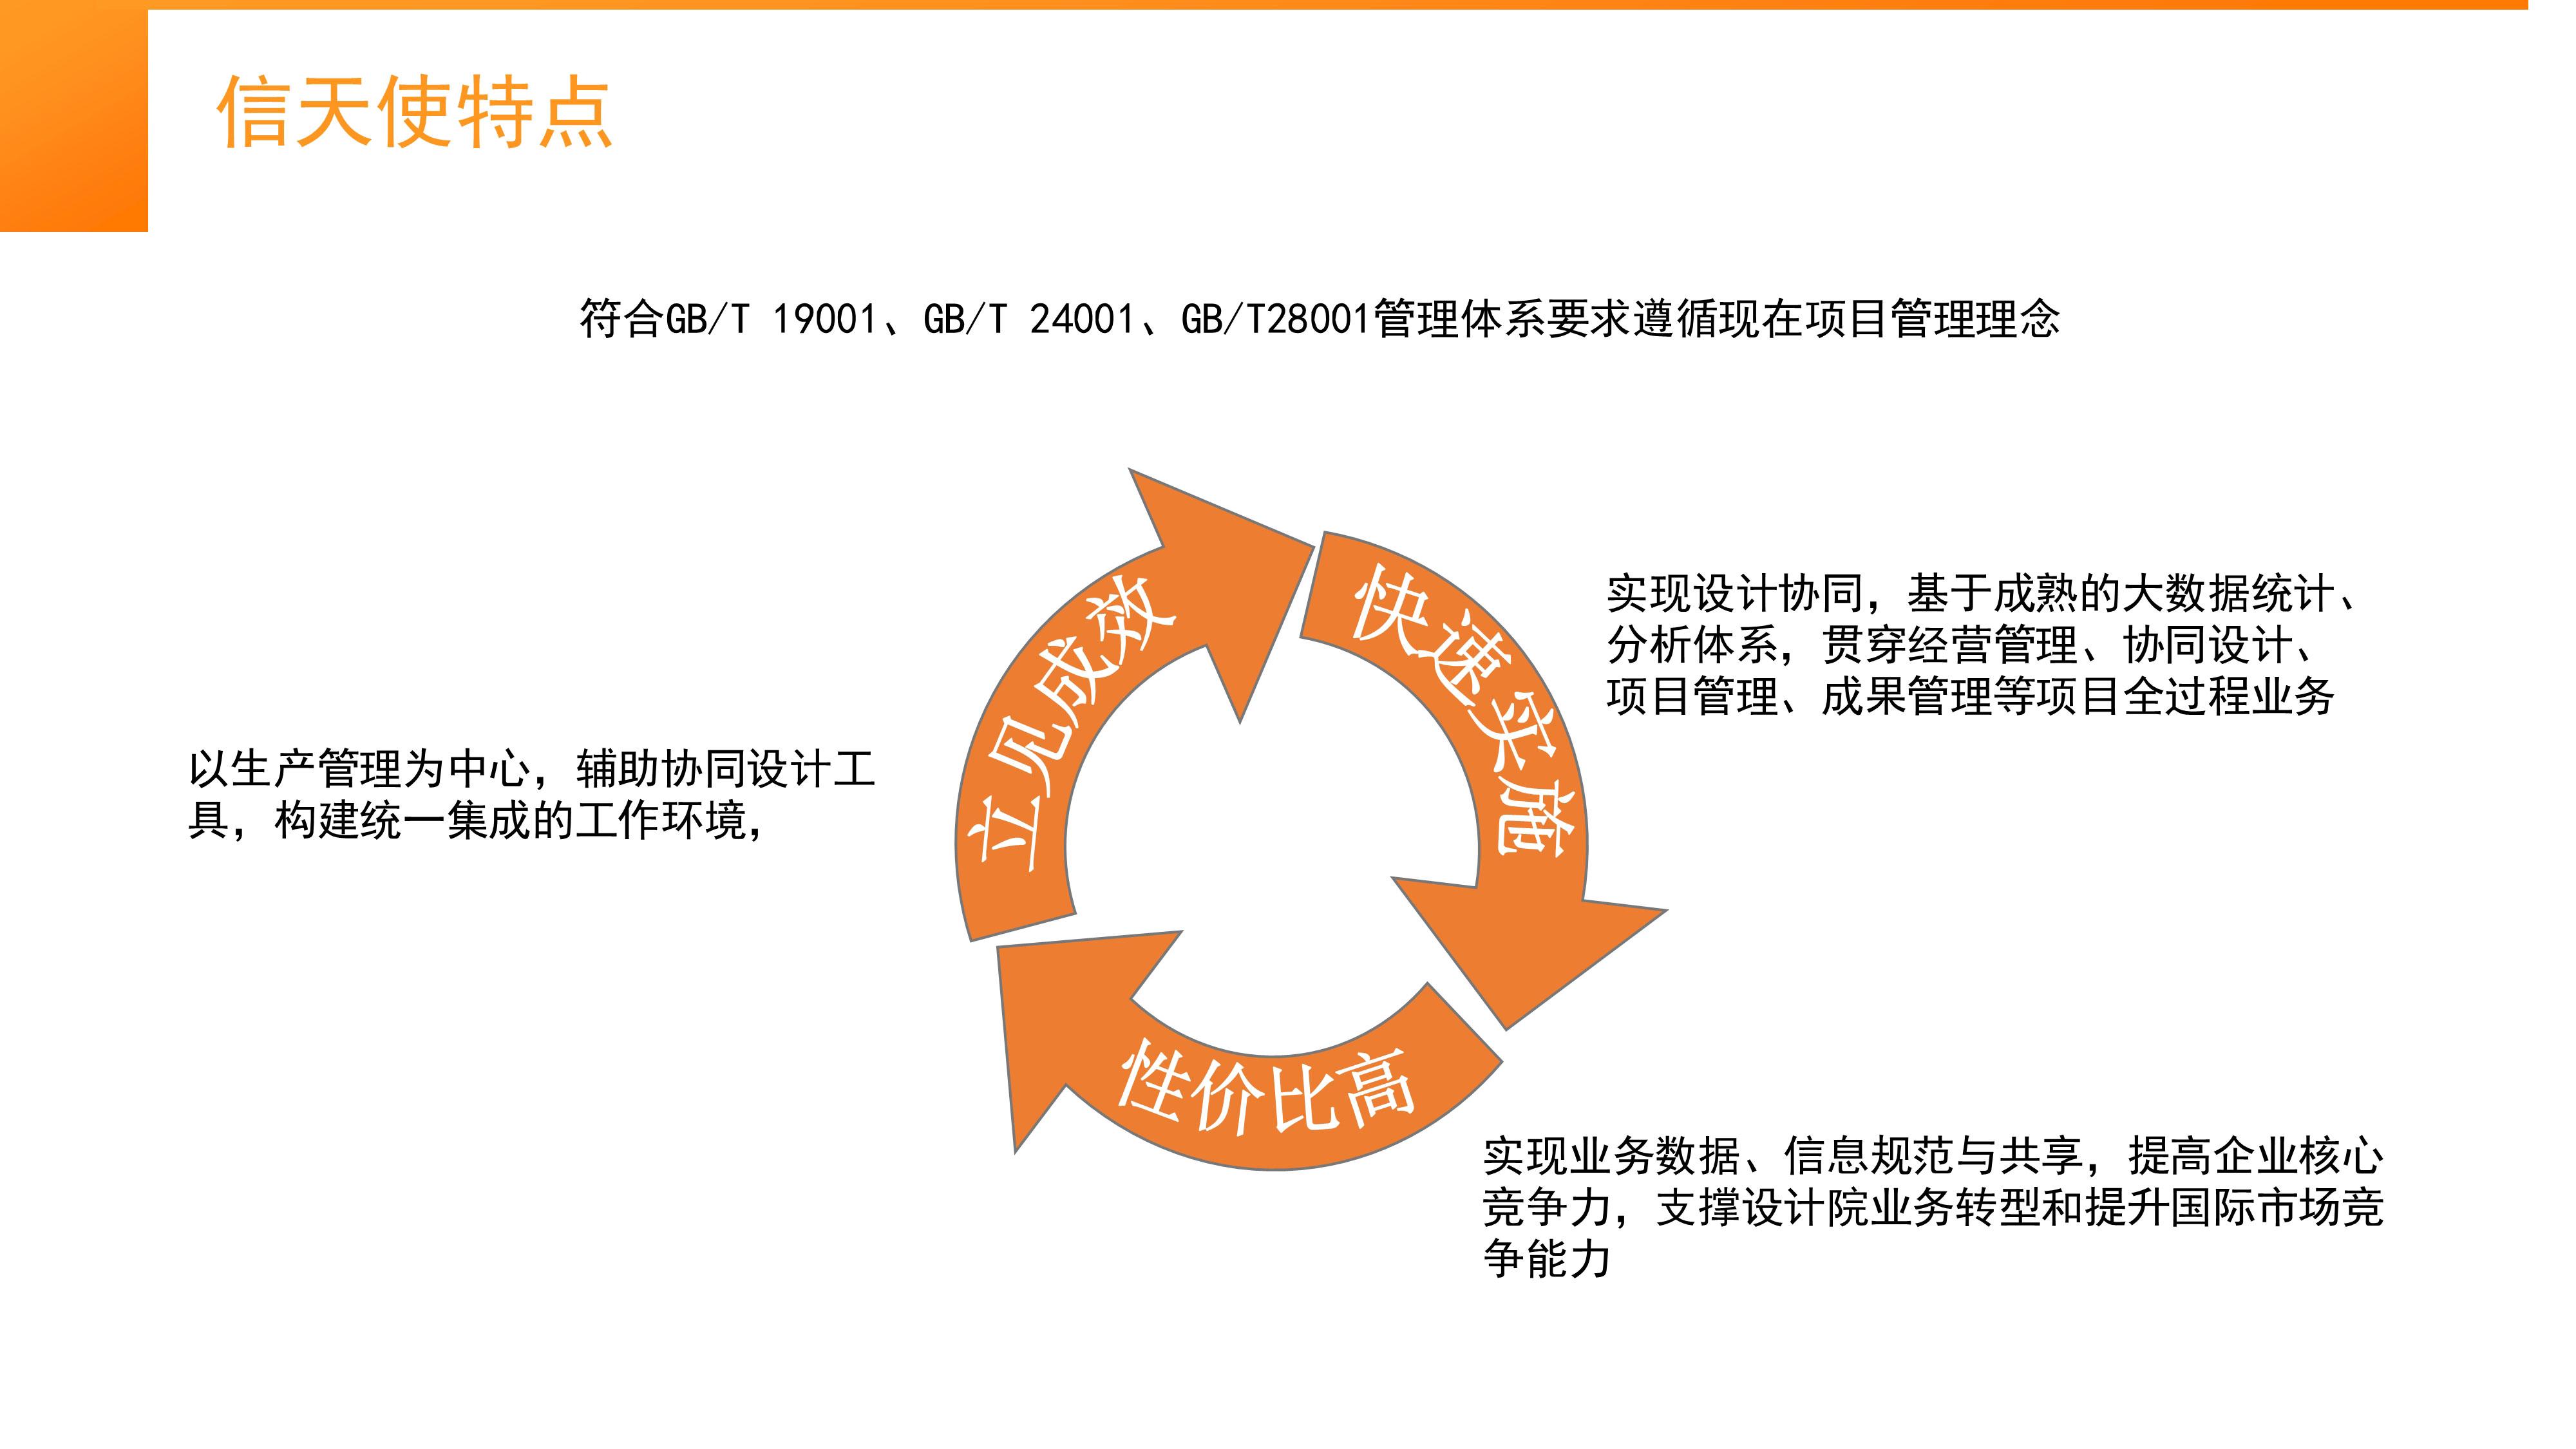 013011343503_0信天使综合信息管理系统旗舰版_6.jpg